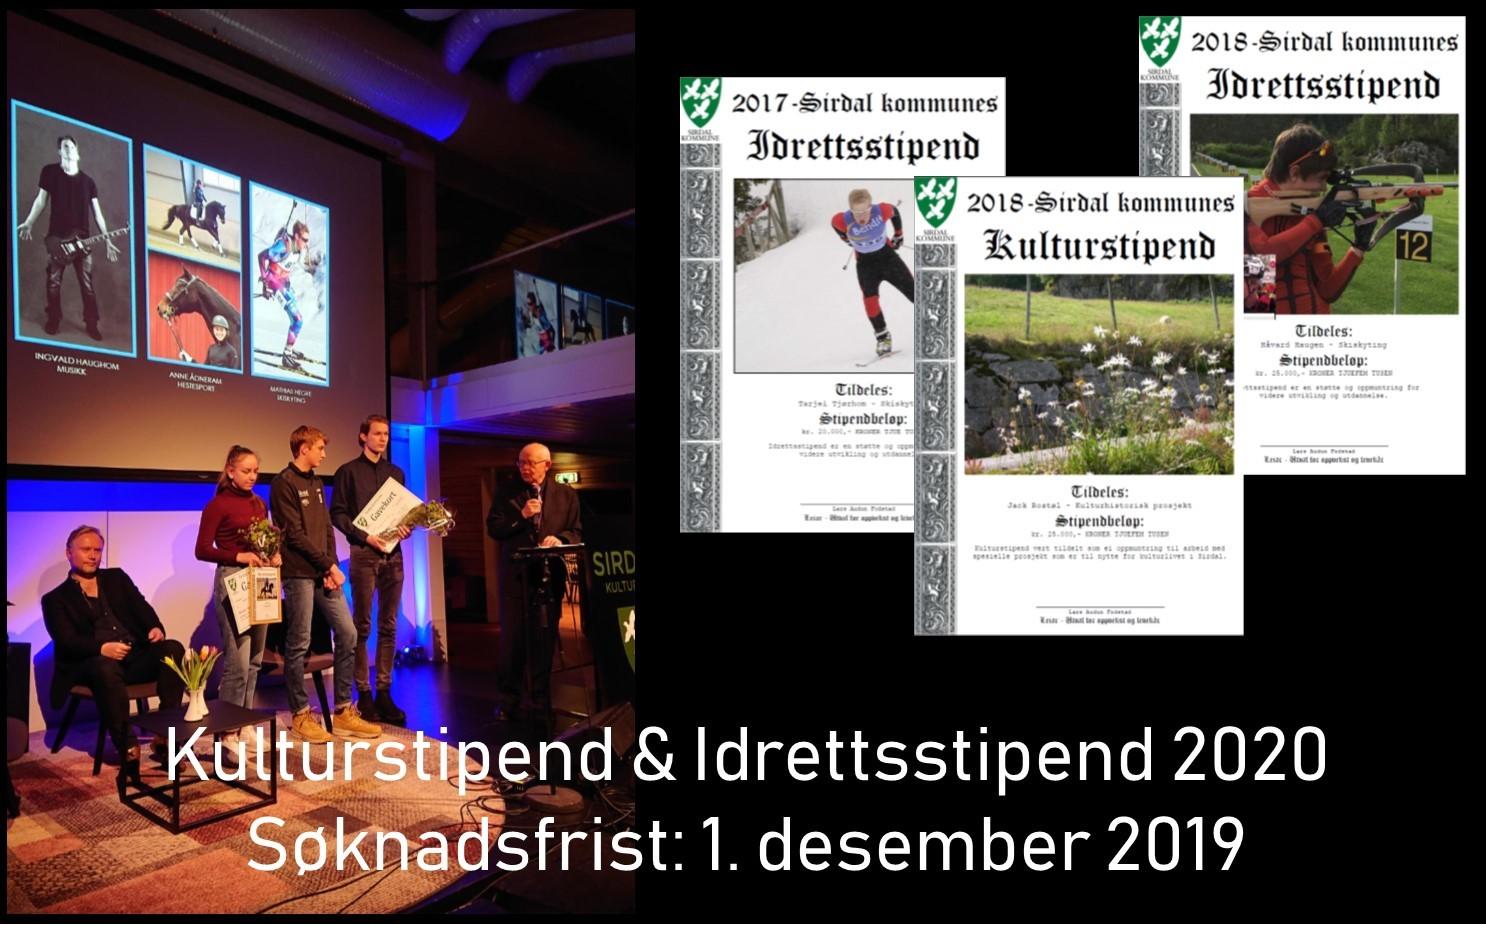 Bilde Søknadsfrist Kulturstipend Idrettsstipend 2020.jpg